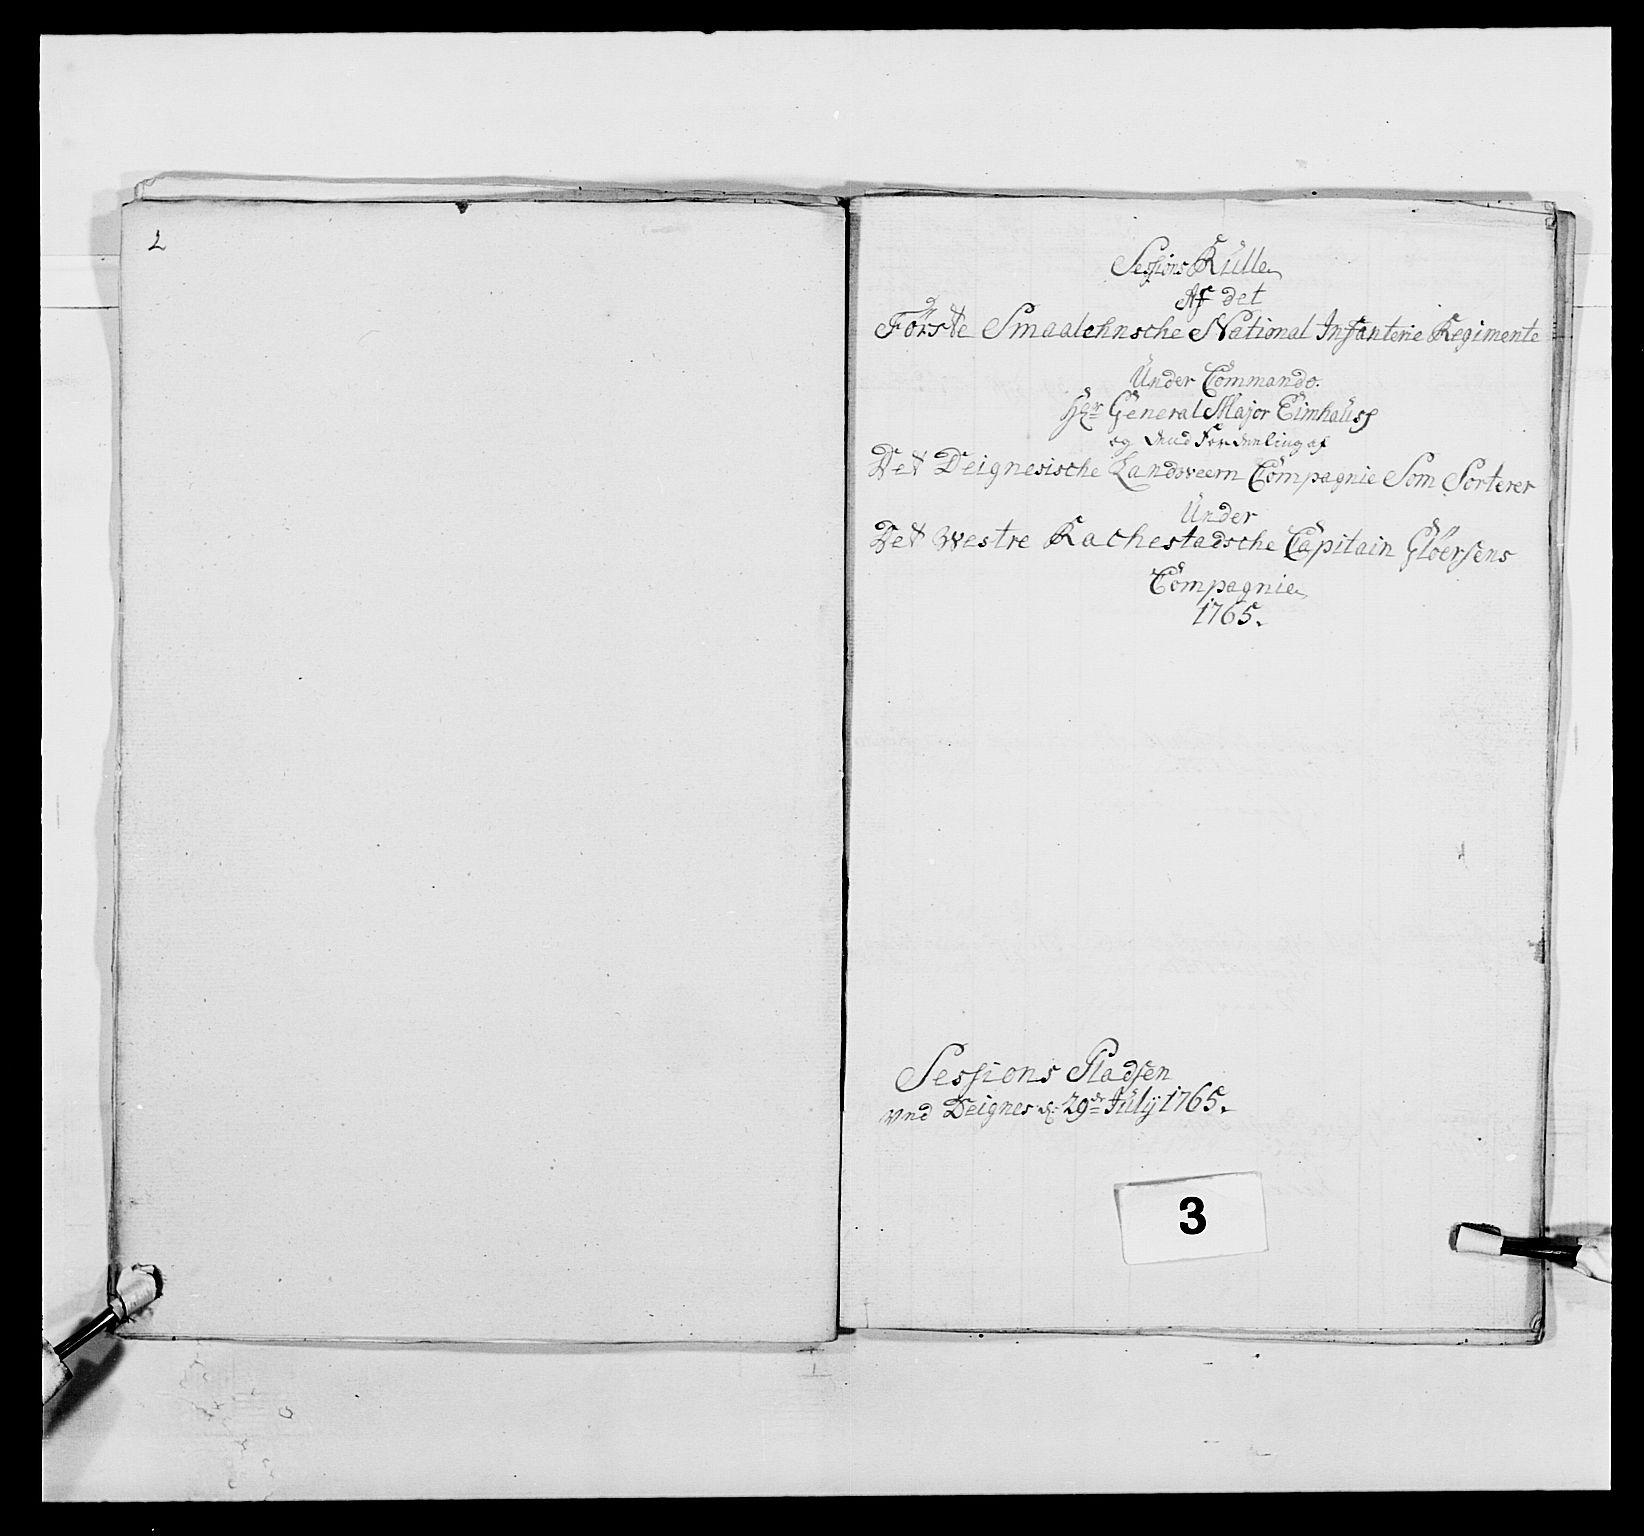 RA, Kommanderende general (KG I) med Det norske krigsdirektorium, E/Ea/L0496: 1. Smålenske regiment, 1765-1767, s. 24